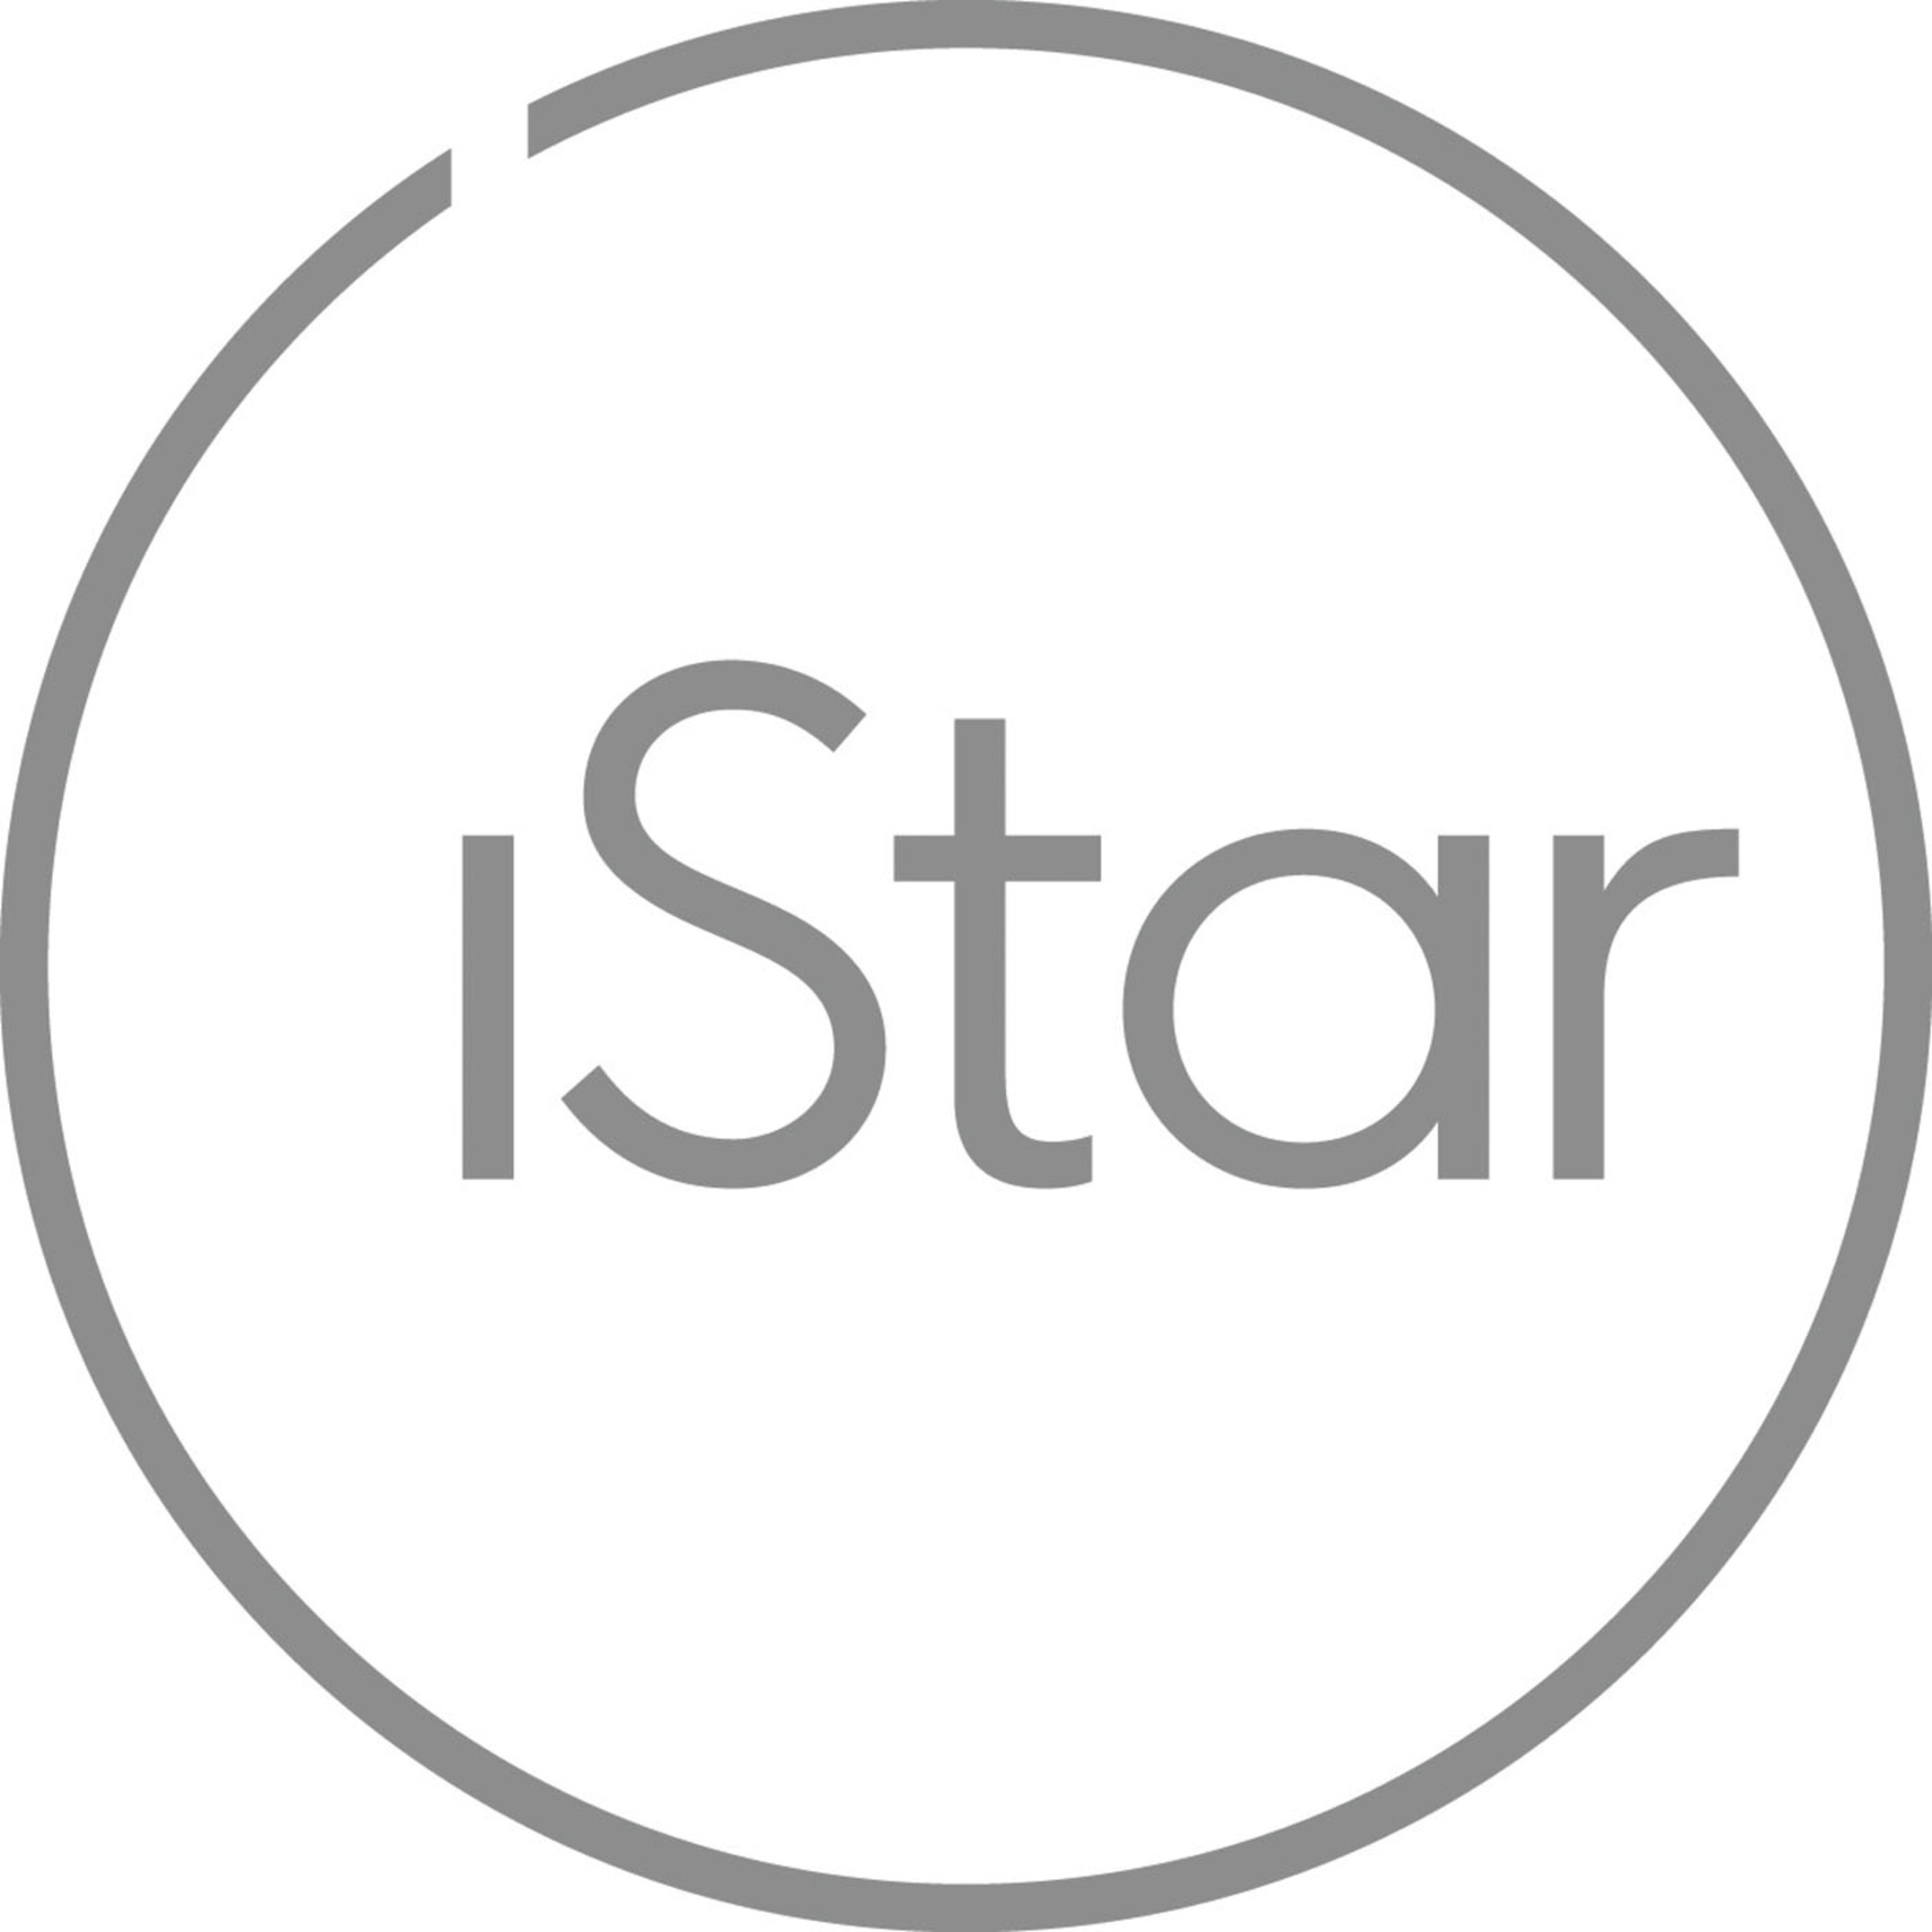 iStar logo. (PRNewsFoto/iStar Financial Inc.)